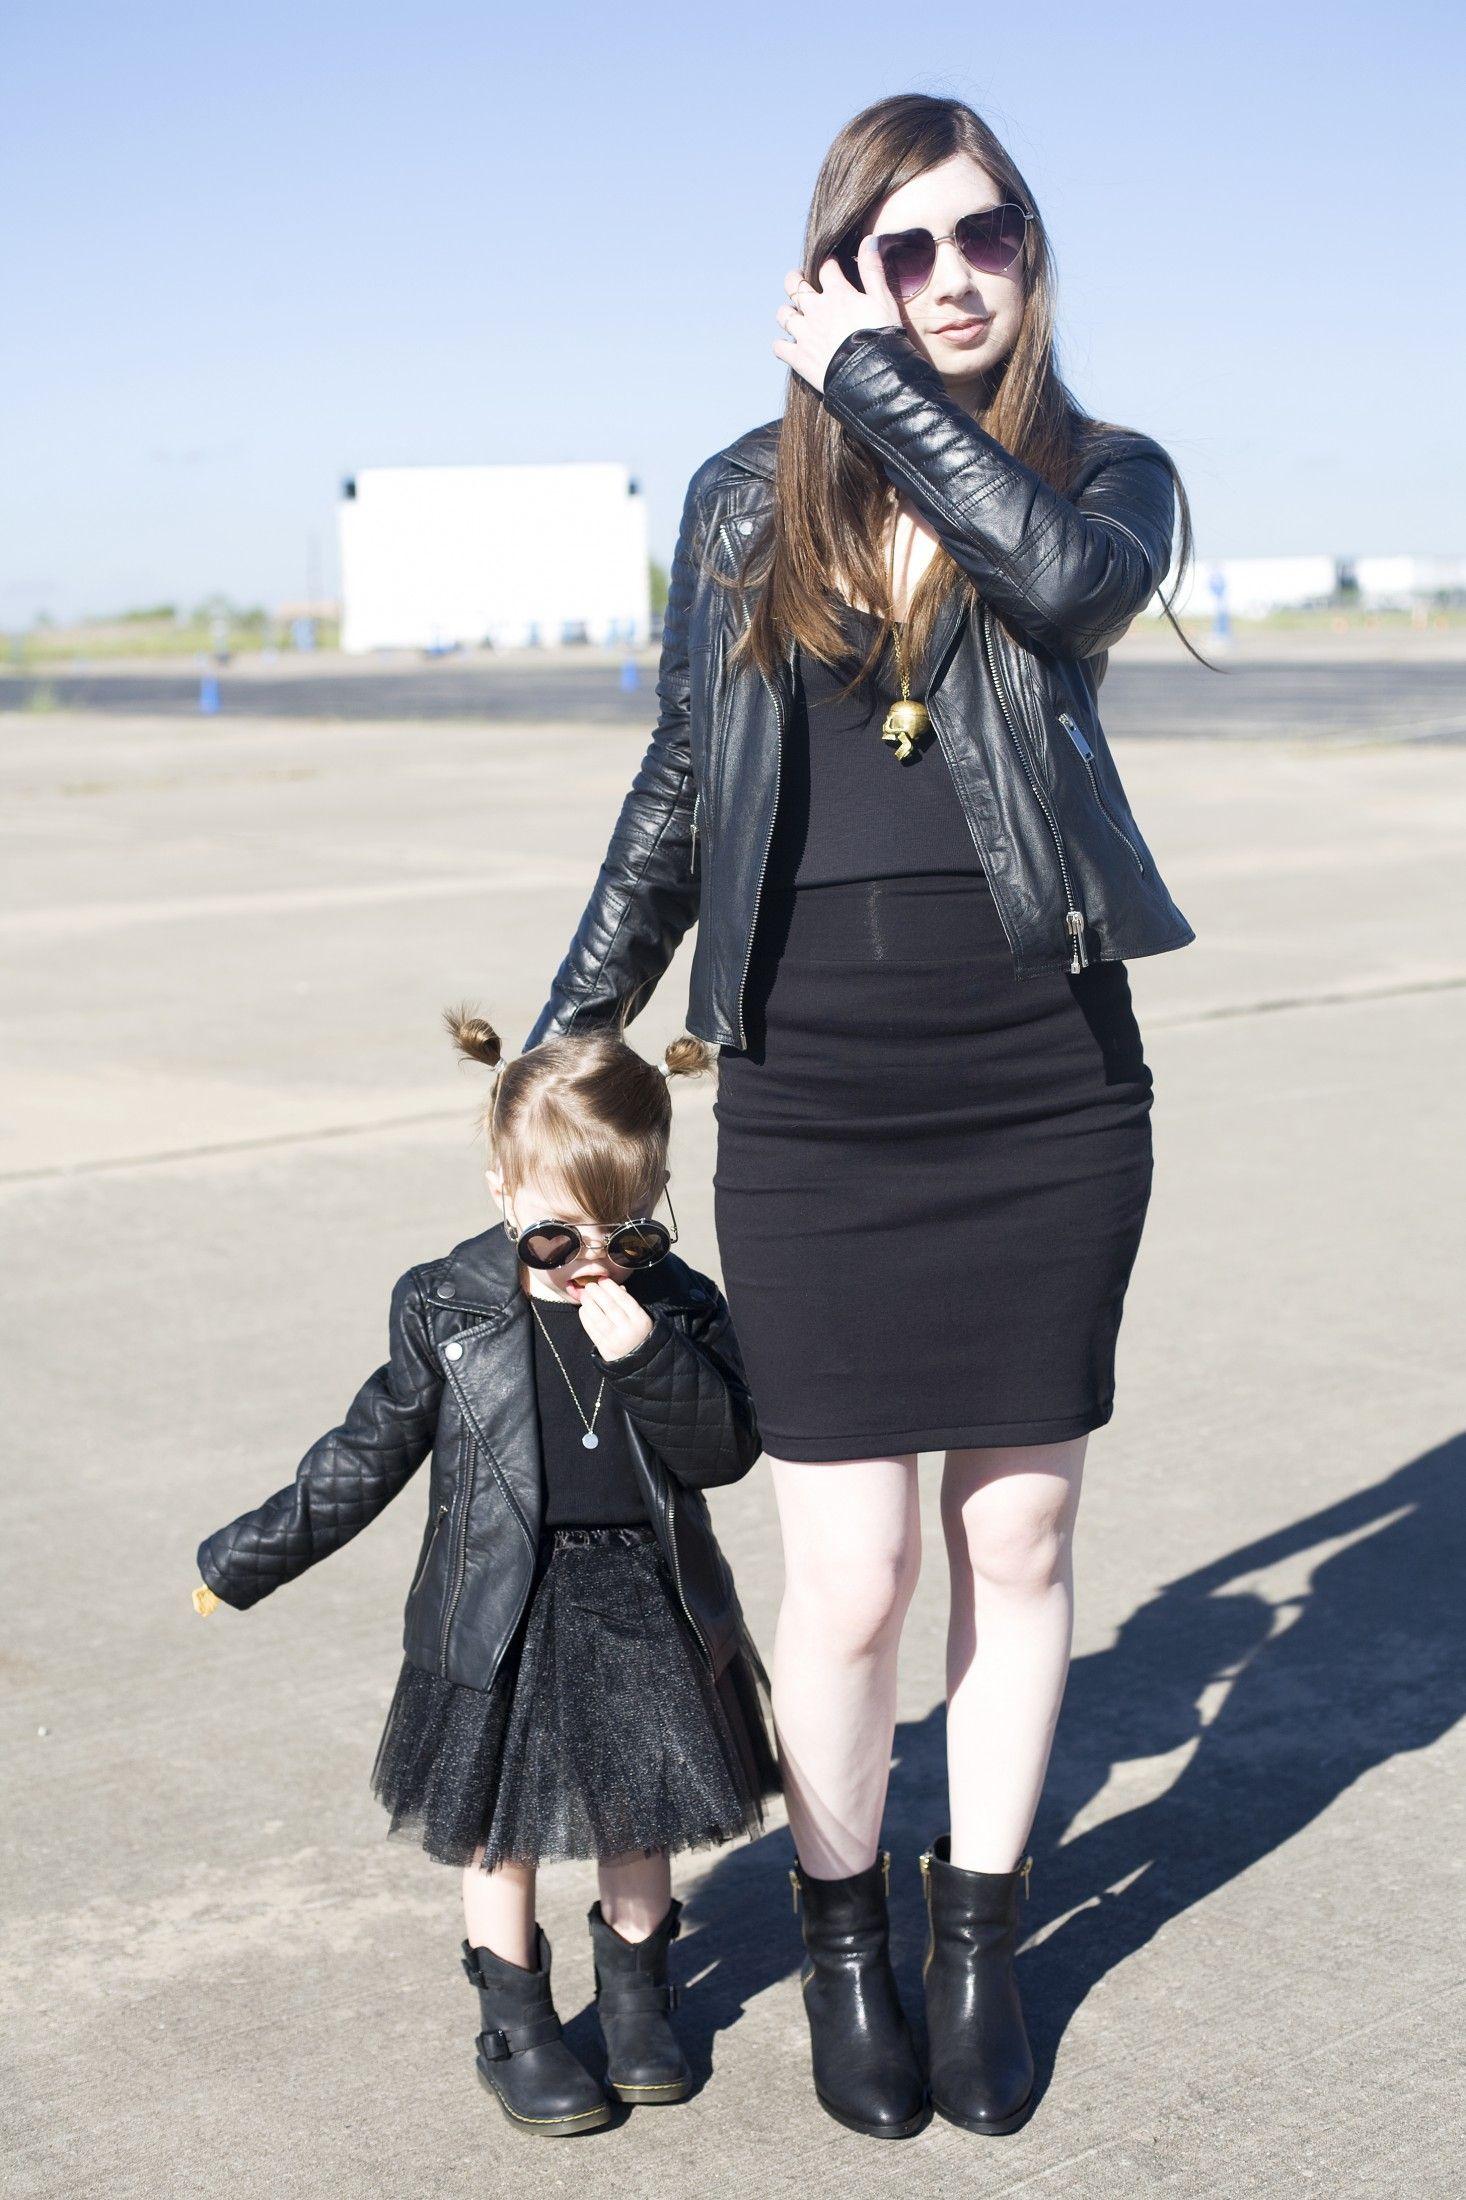 Mini Me Outfits Mom & Me Outfits Moto Jackets All Black